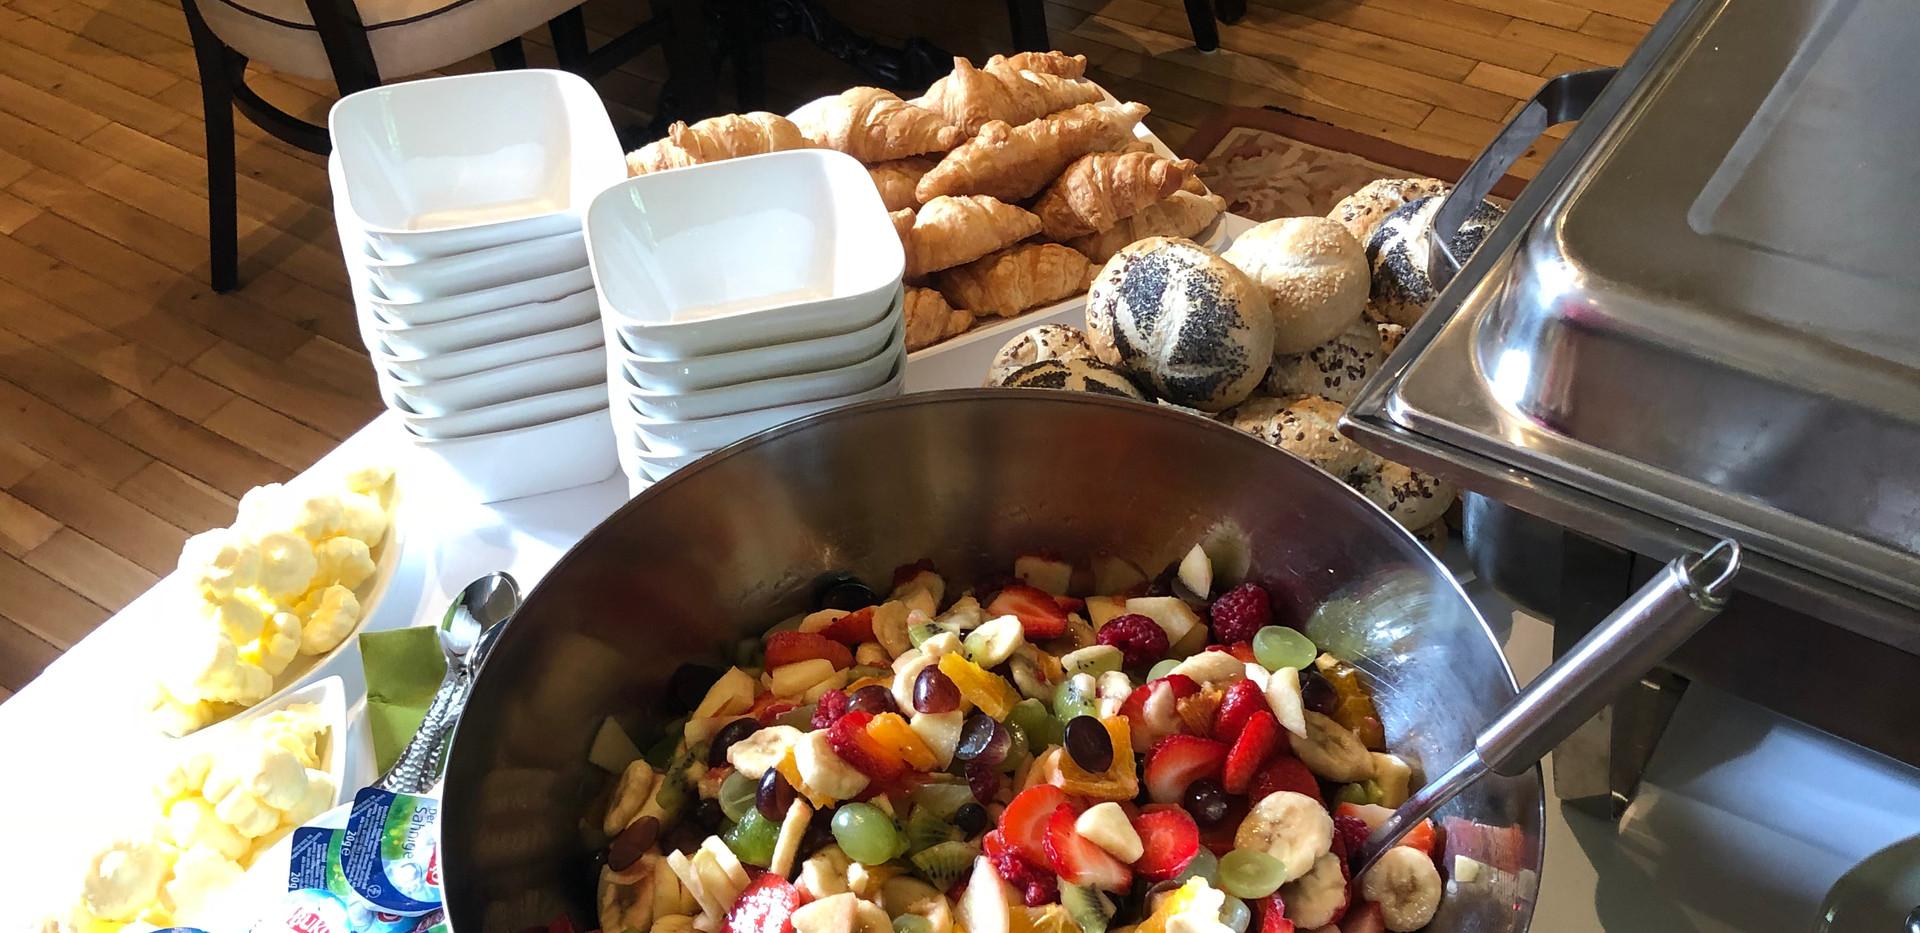 cafe-liege-aachen-catering-fruestueck-obstsalat-buffet.jpg